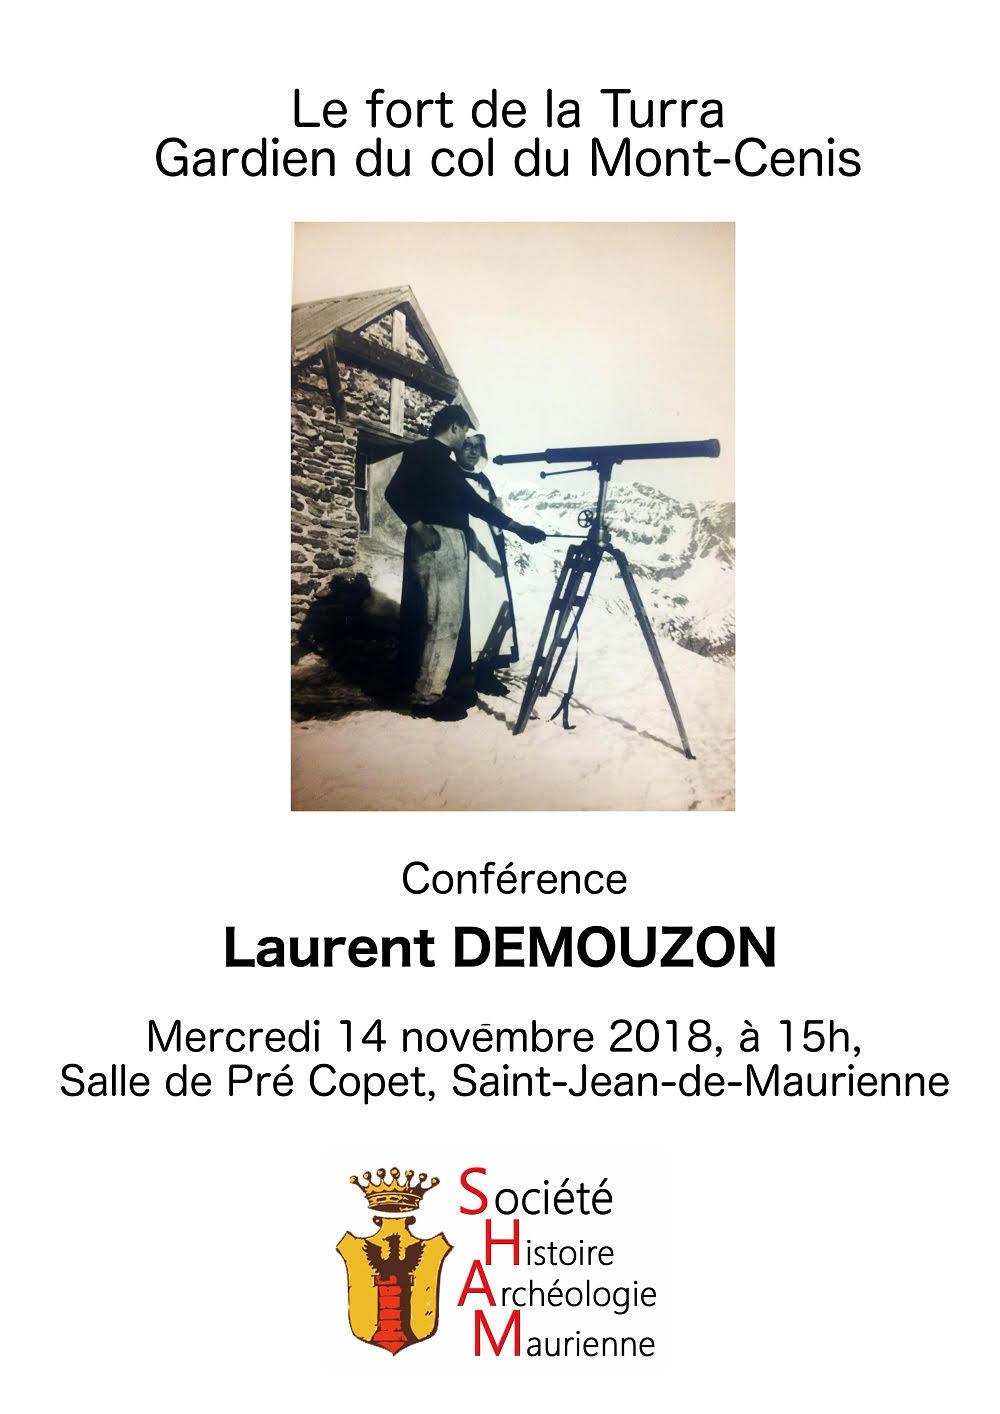 Conférence livre Laurent Demouzon GuidesPSMB Fort de la Turra Maurienne Savoie